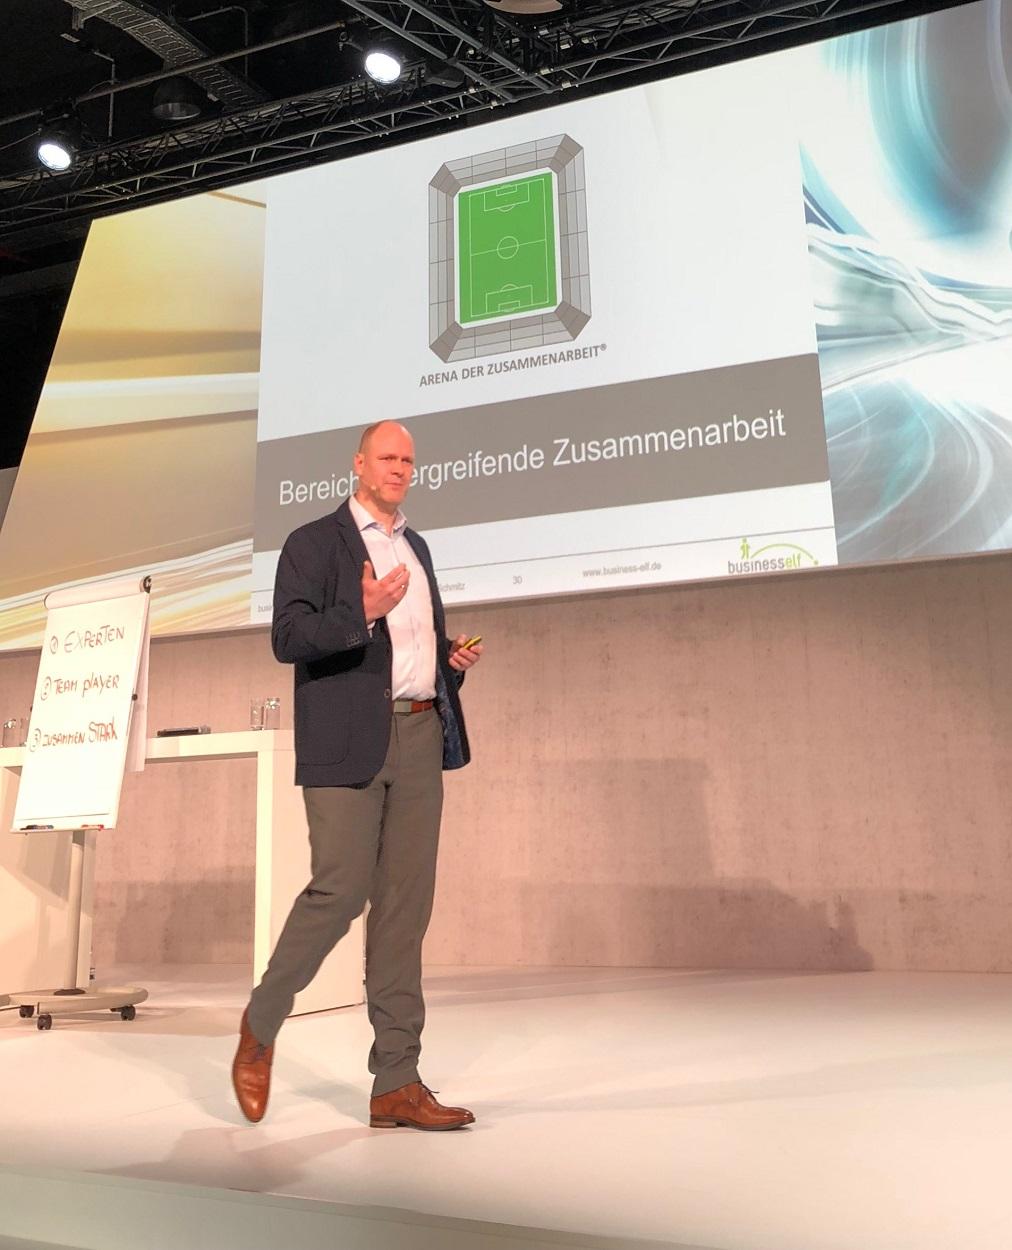 Impulsvortrag keynote Zusammenarbeit und Teamwork BMW